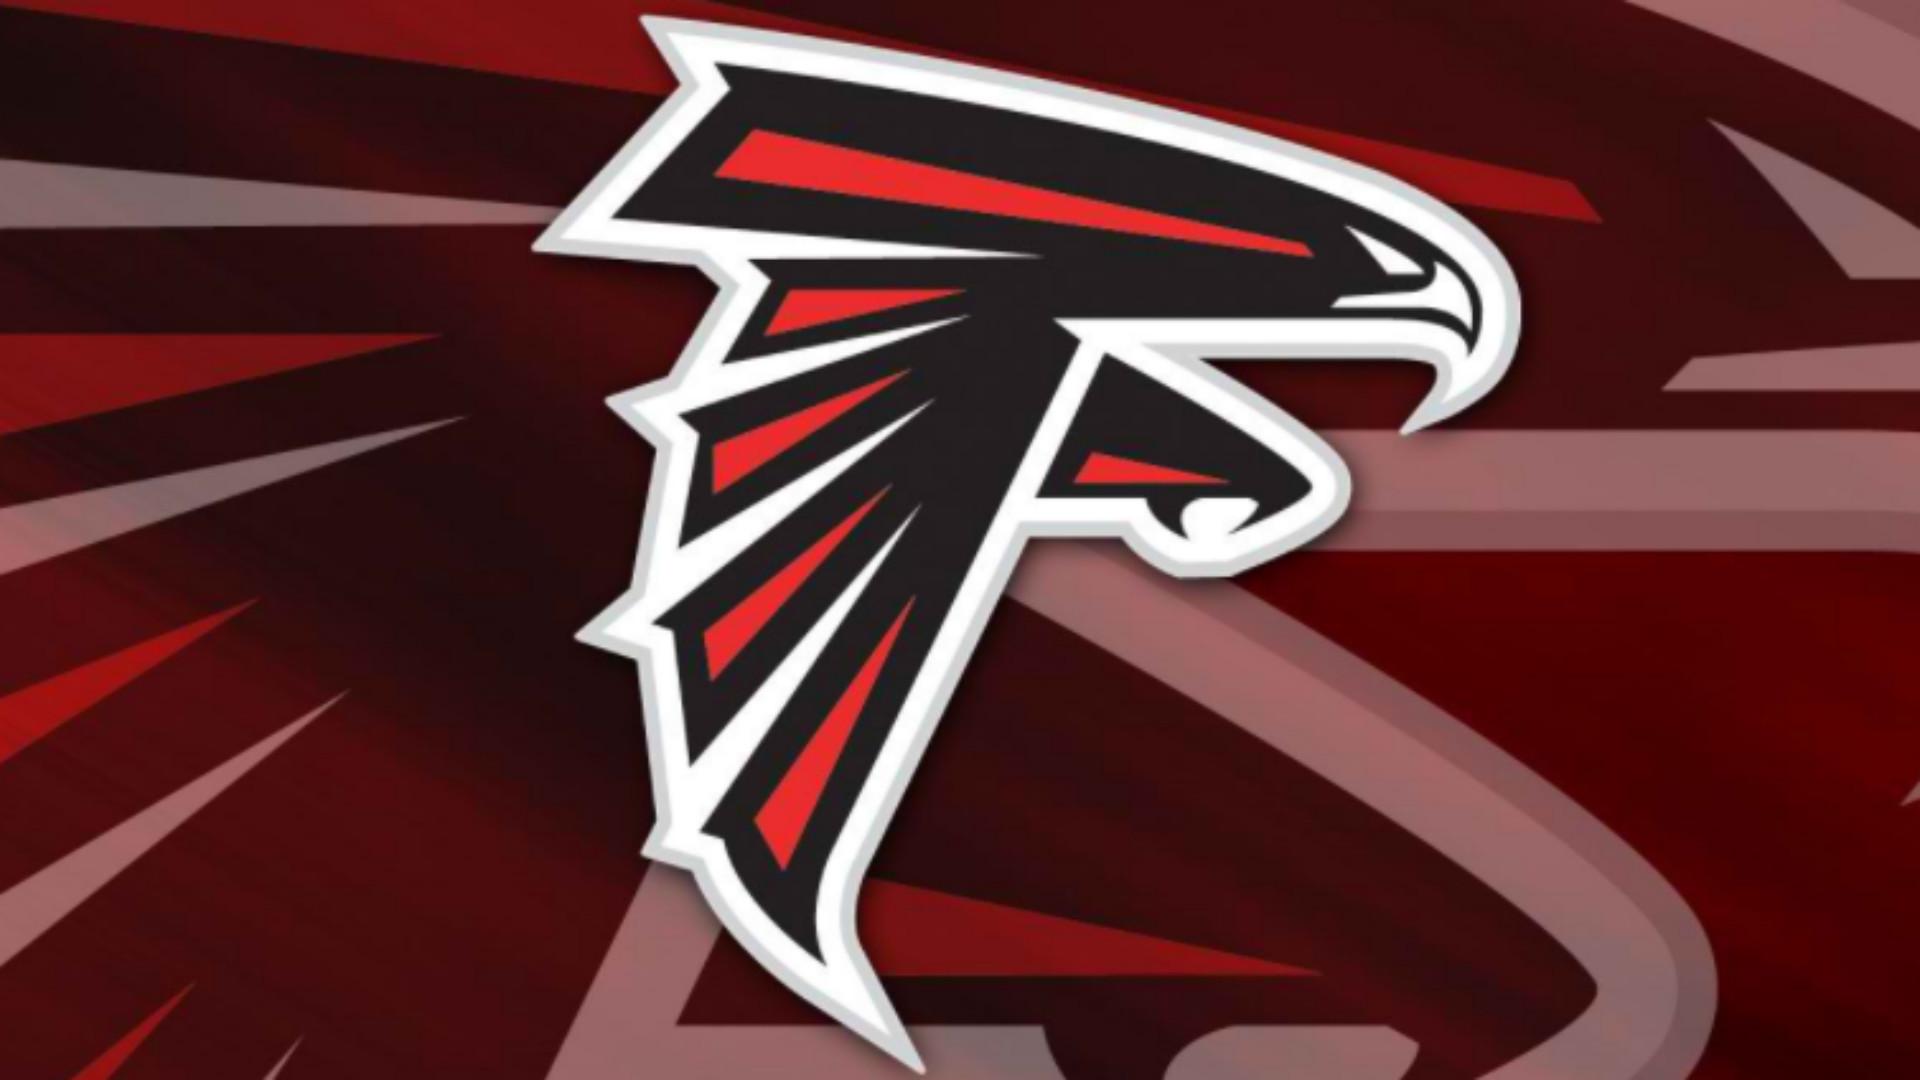 New England Patriots Iphone X Wallpaper Atlanta Falcons 2018 Wallpaper Hd 64 Images